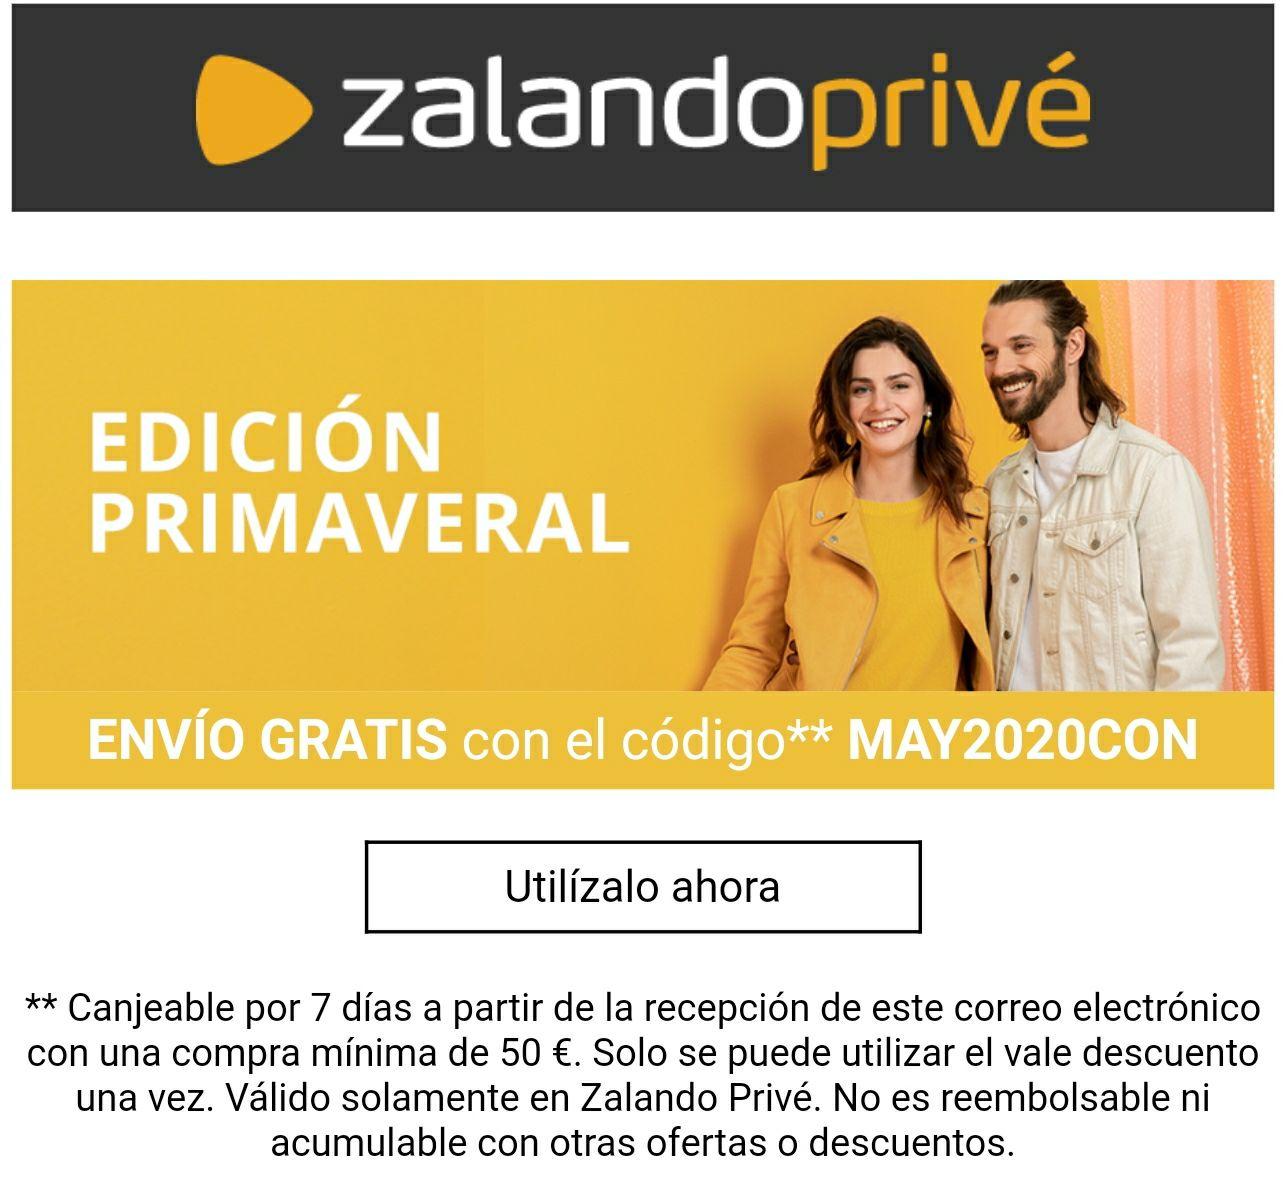 Código para envío gratis en ZalandoPrivé